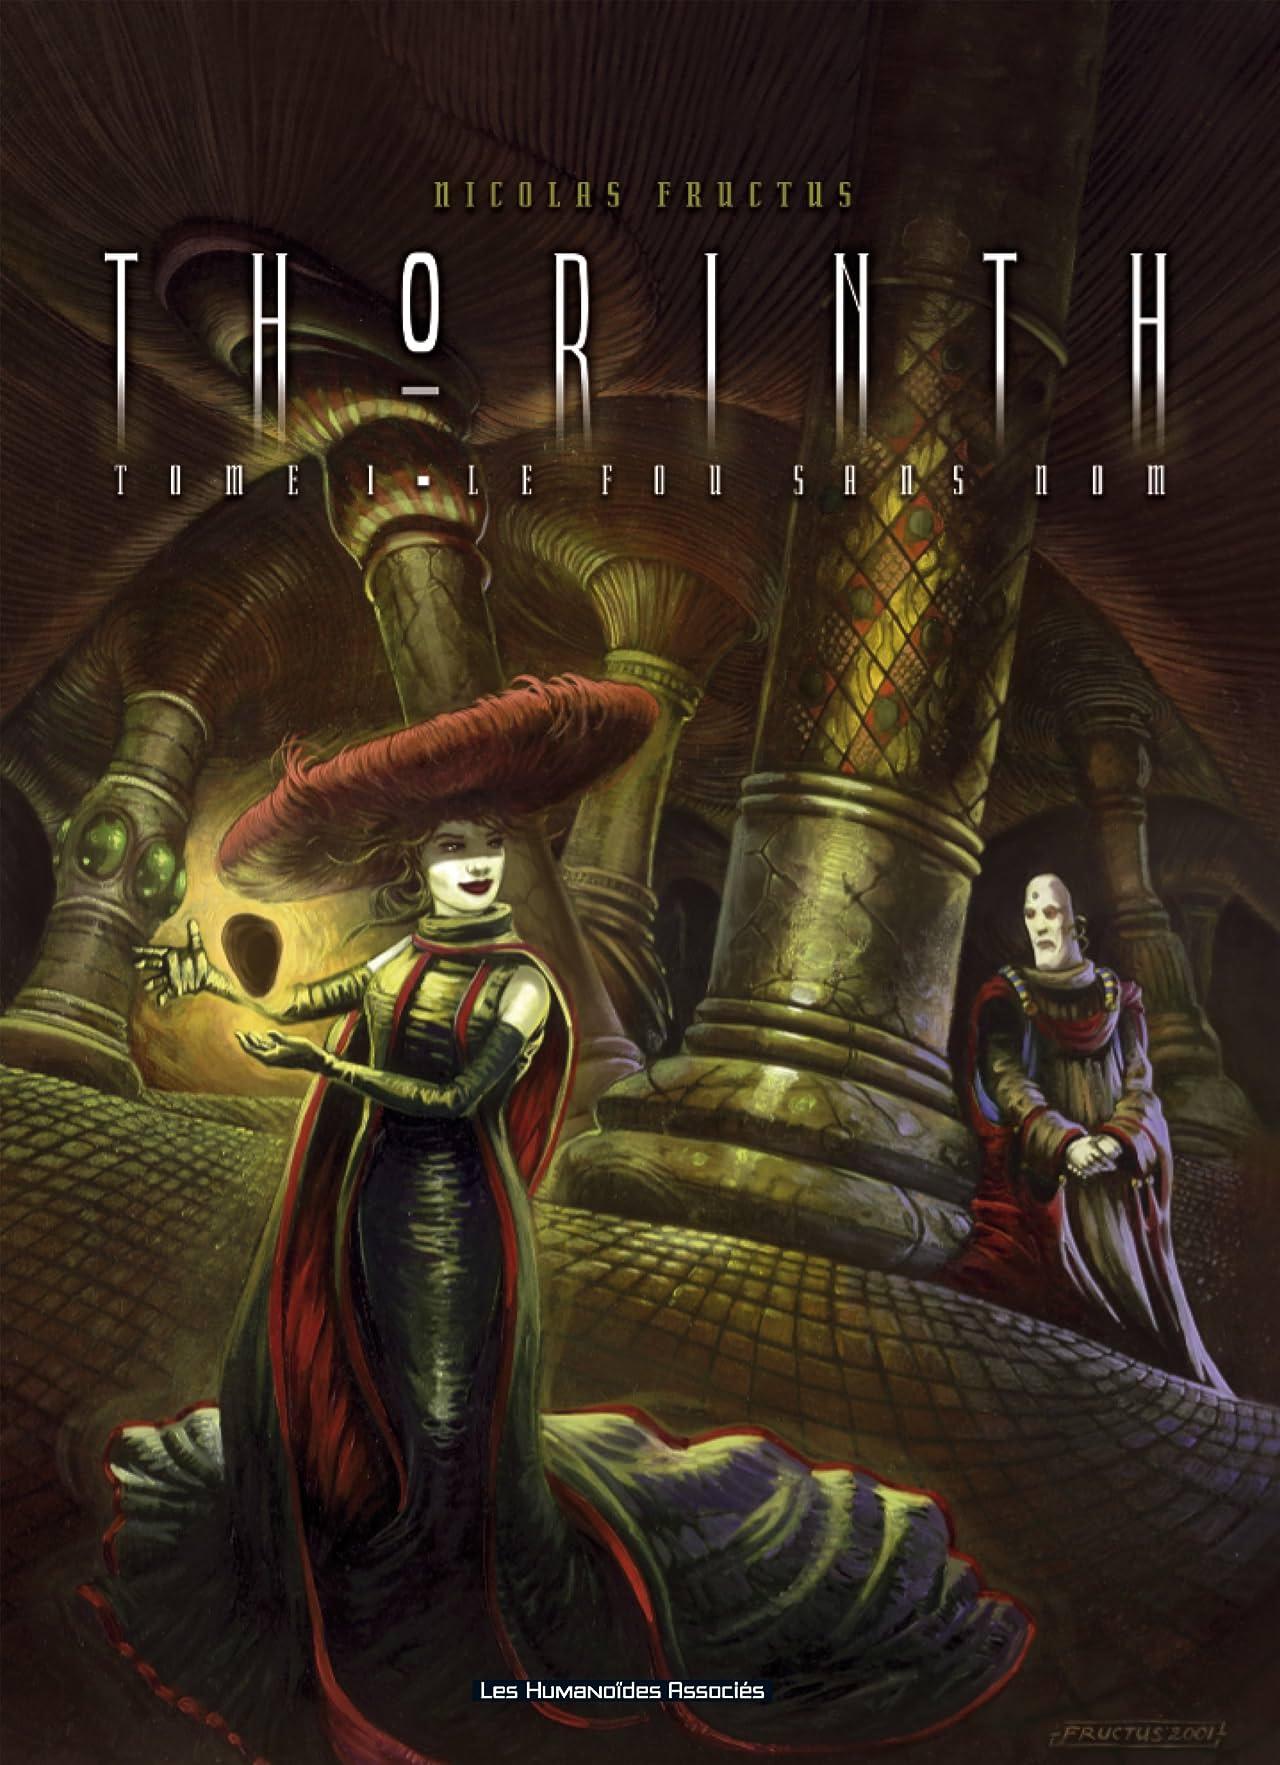 Thorinth Tome 1: Le Fou sans nom